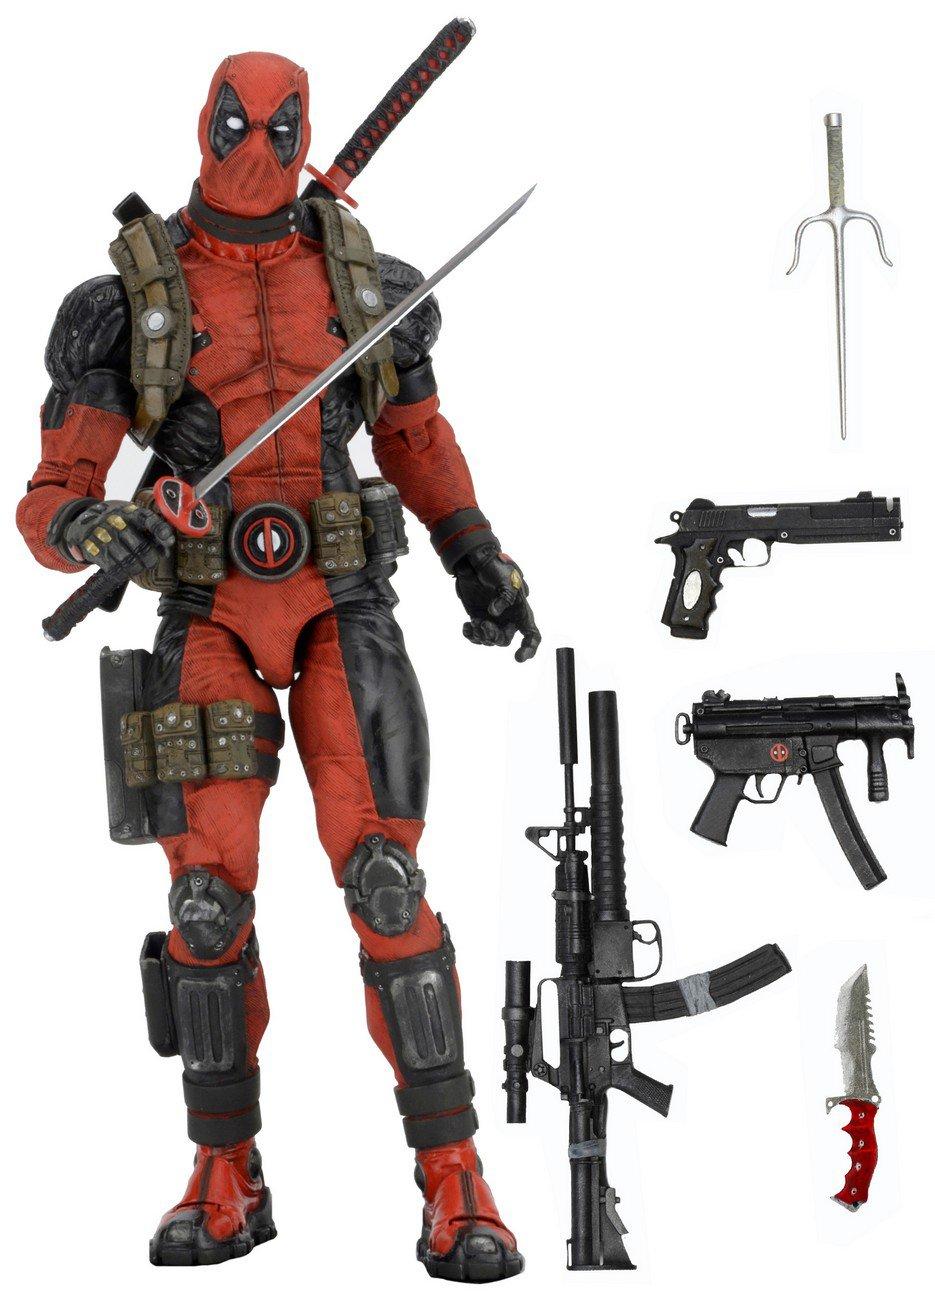 NECA Deadpool 1/4 Scale Action Figure